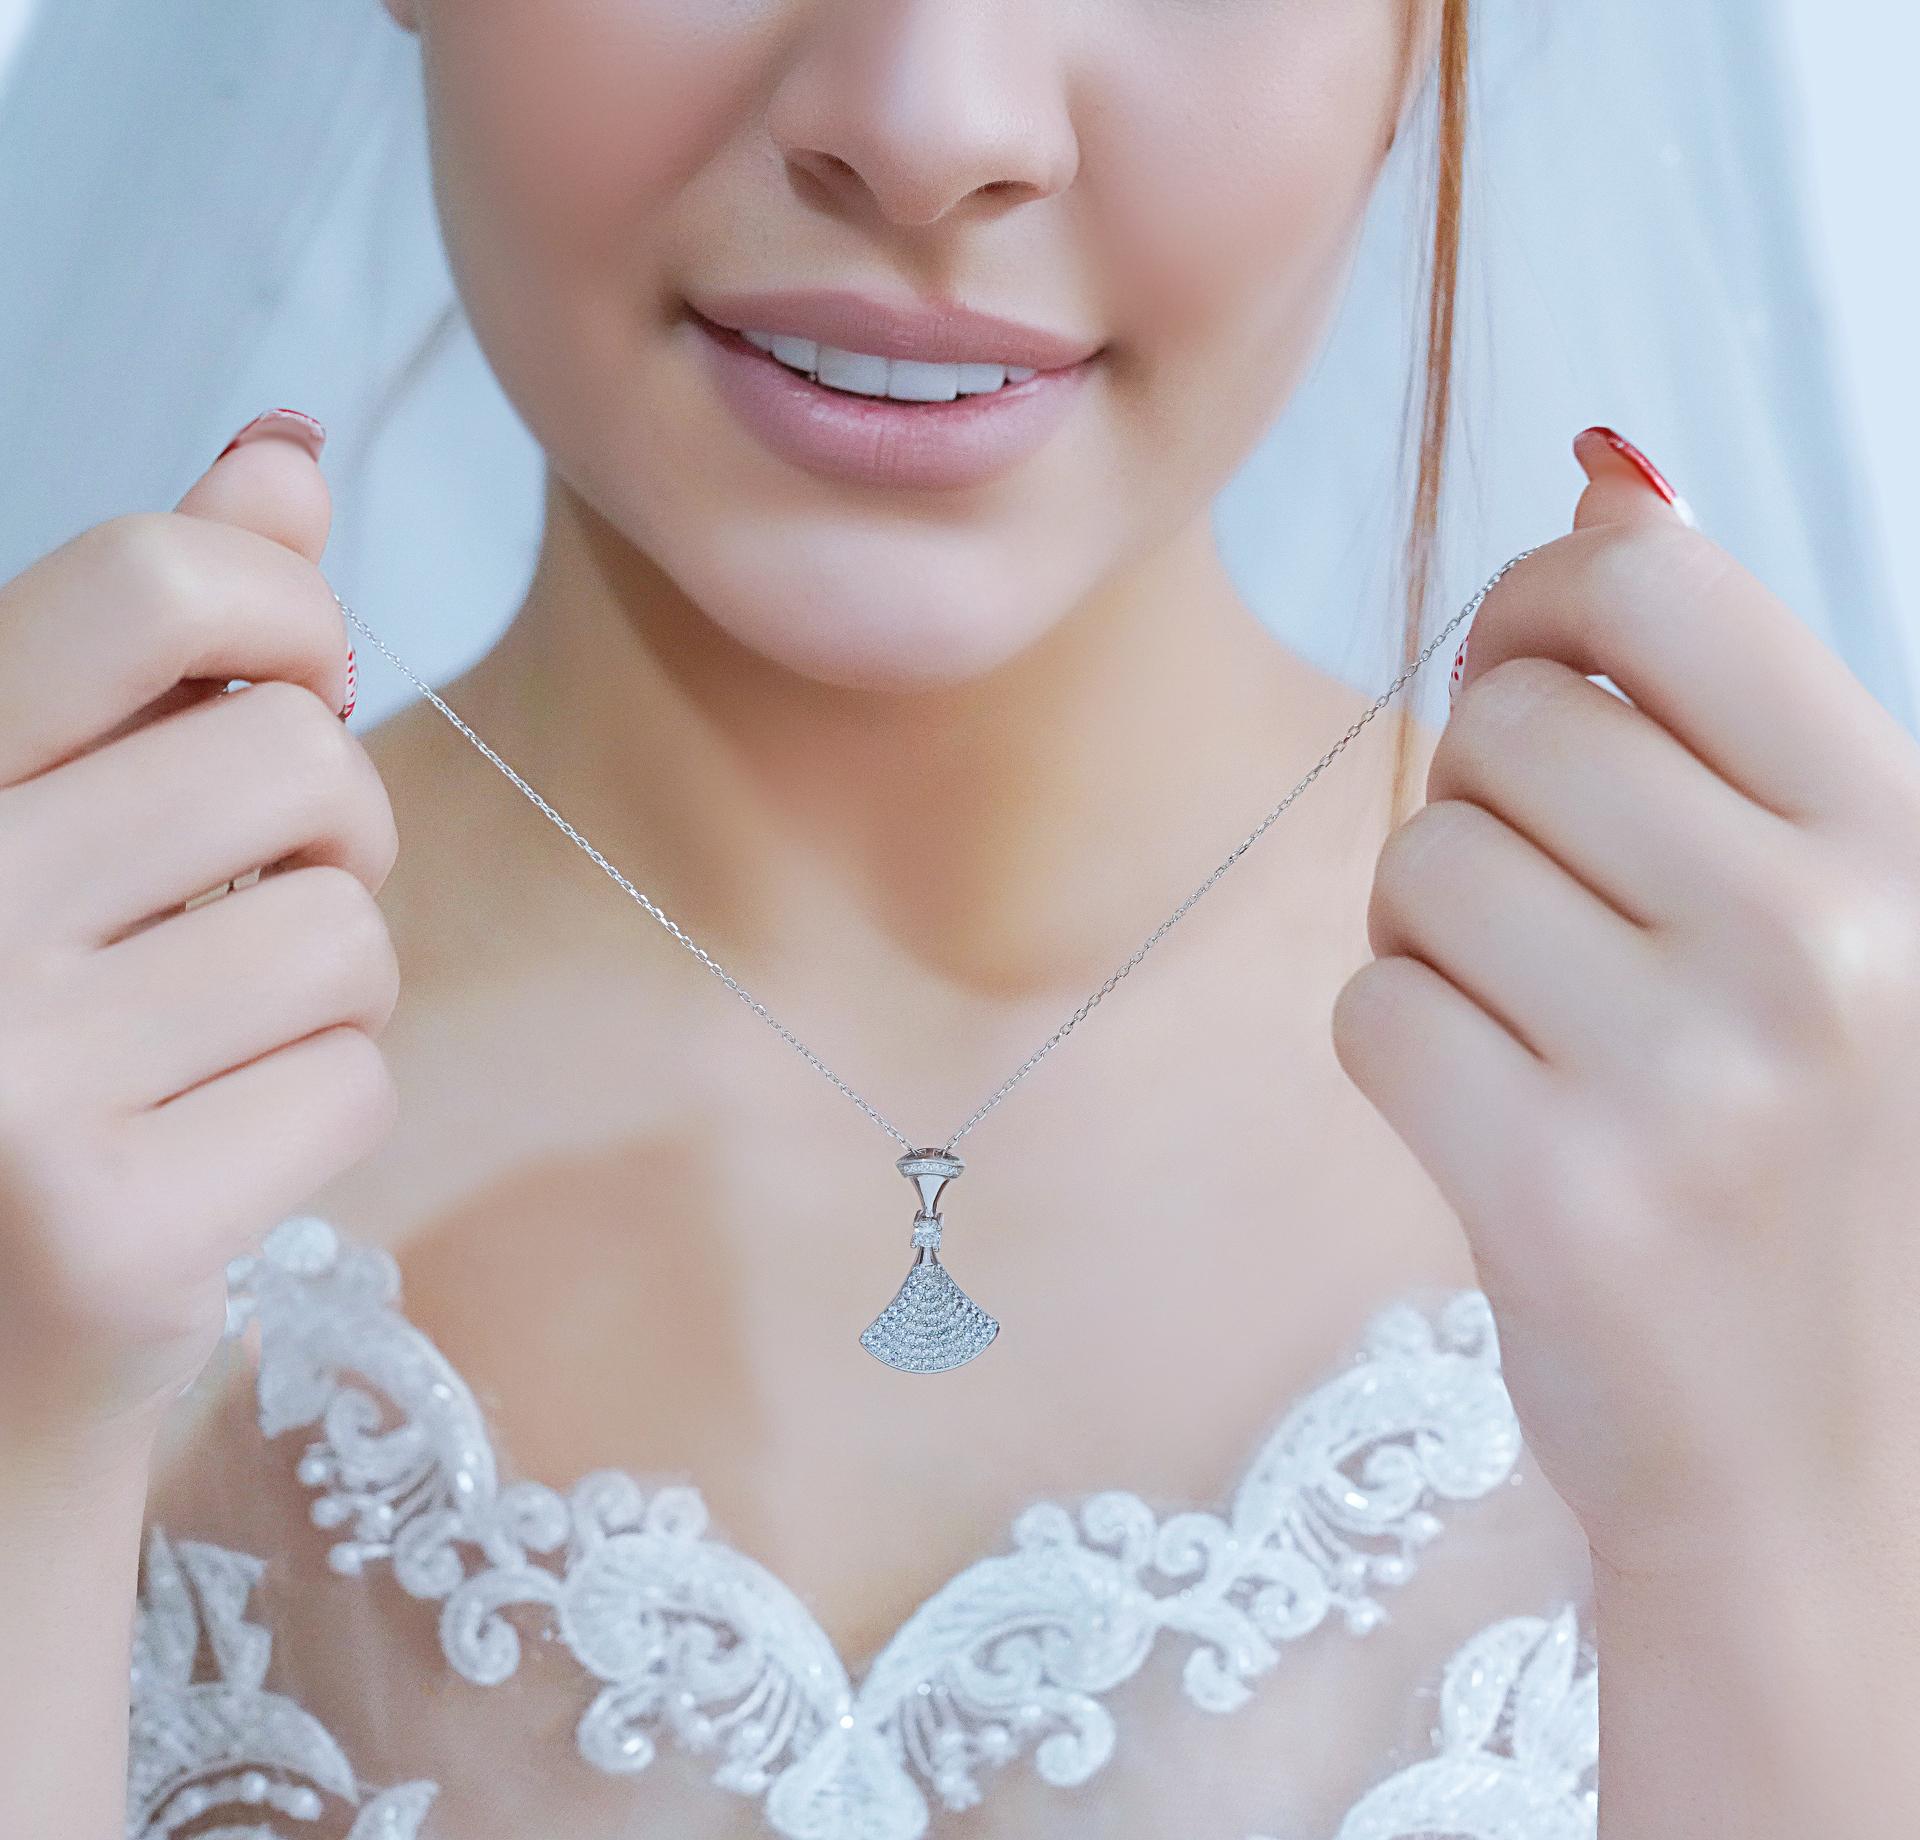 💍گردنبند جواهری بسیار خاص و زیبا بولگاری Bvlgari با آویزهای متحرک پشت گردن ،ترند جواهرات نقره عیار ۹۲۵ با روکش طلا سفید